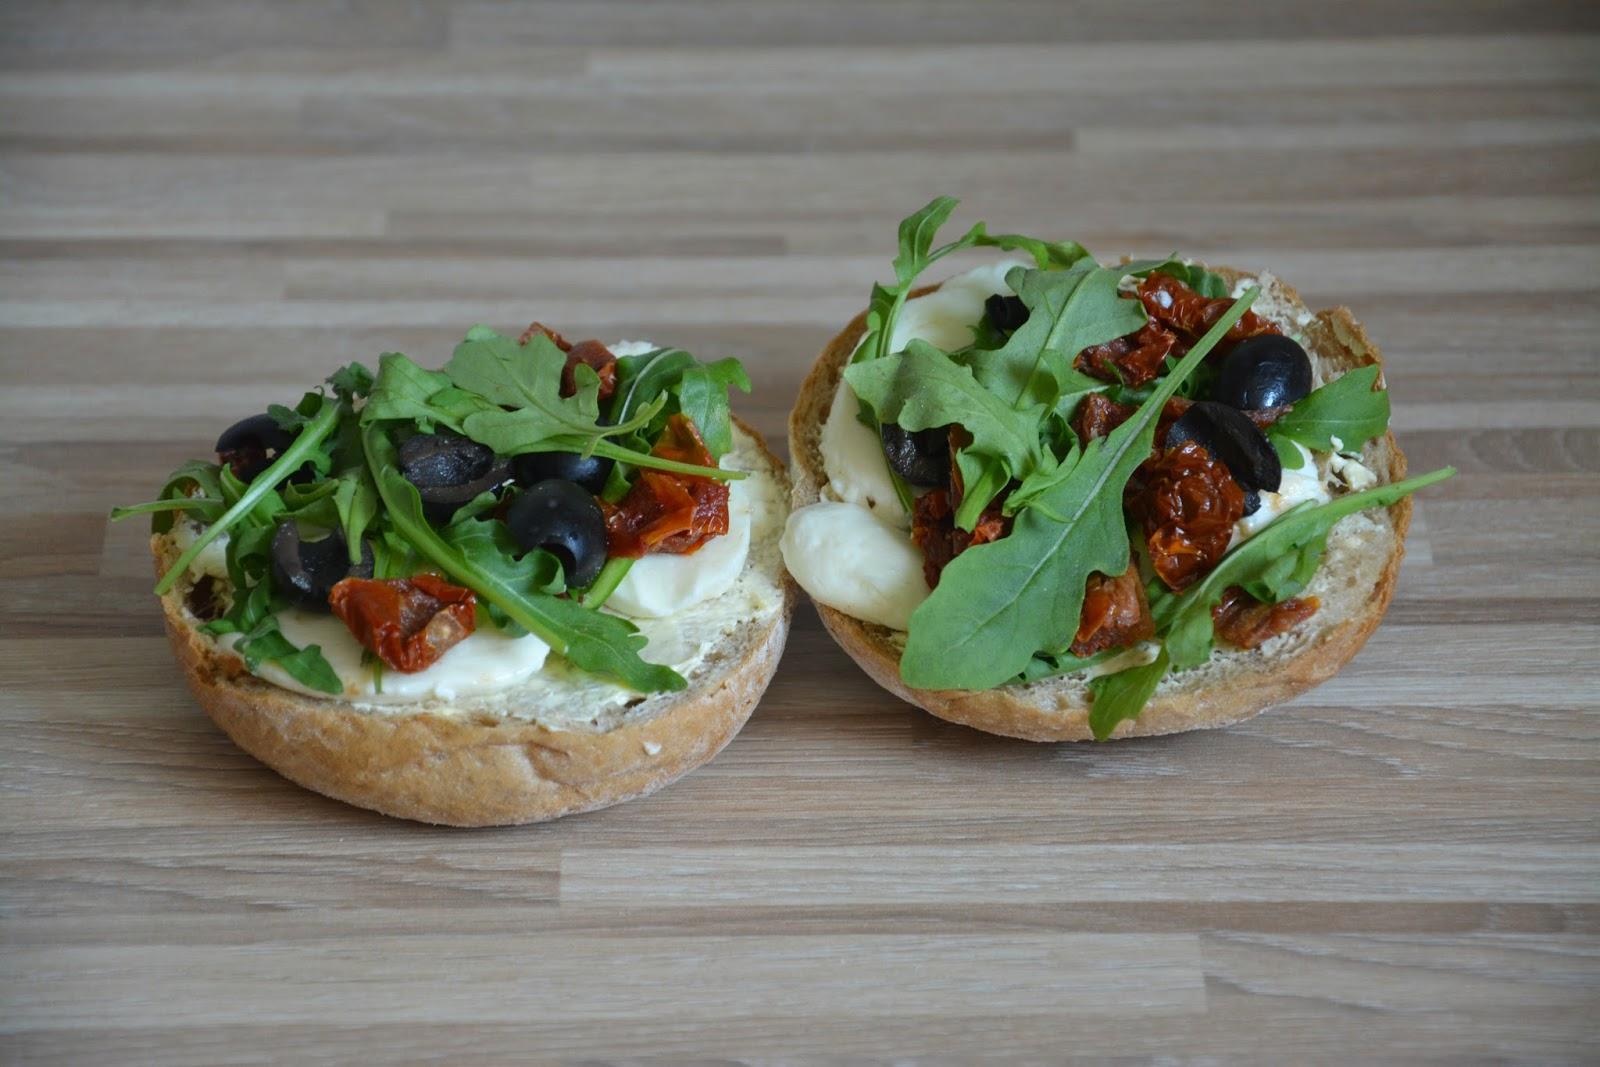 kanapki z serem mozarela, rucolą, oliwkami i szuszonymi ppomidorami